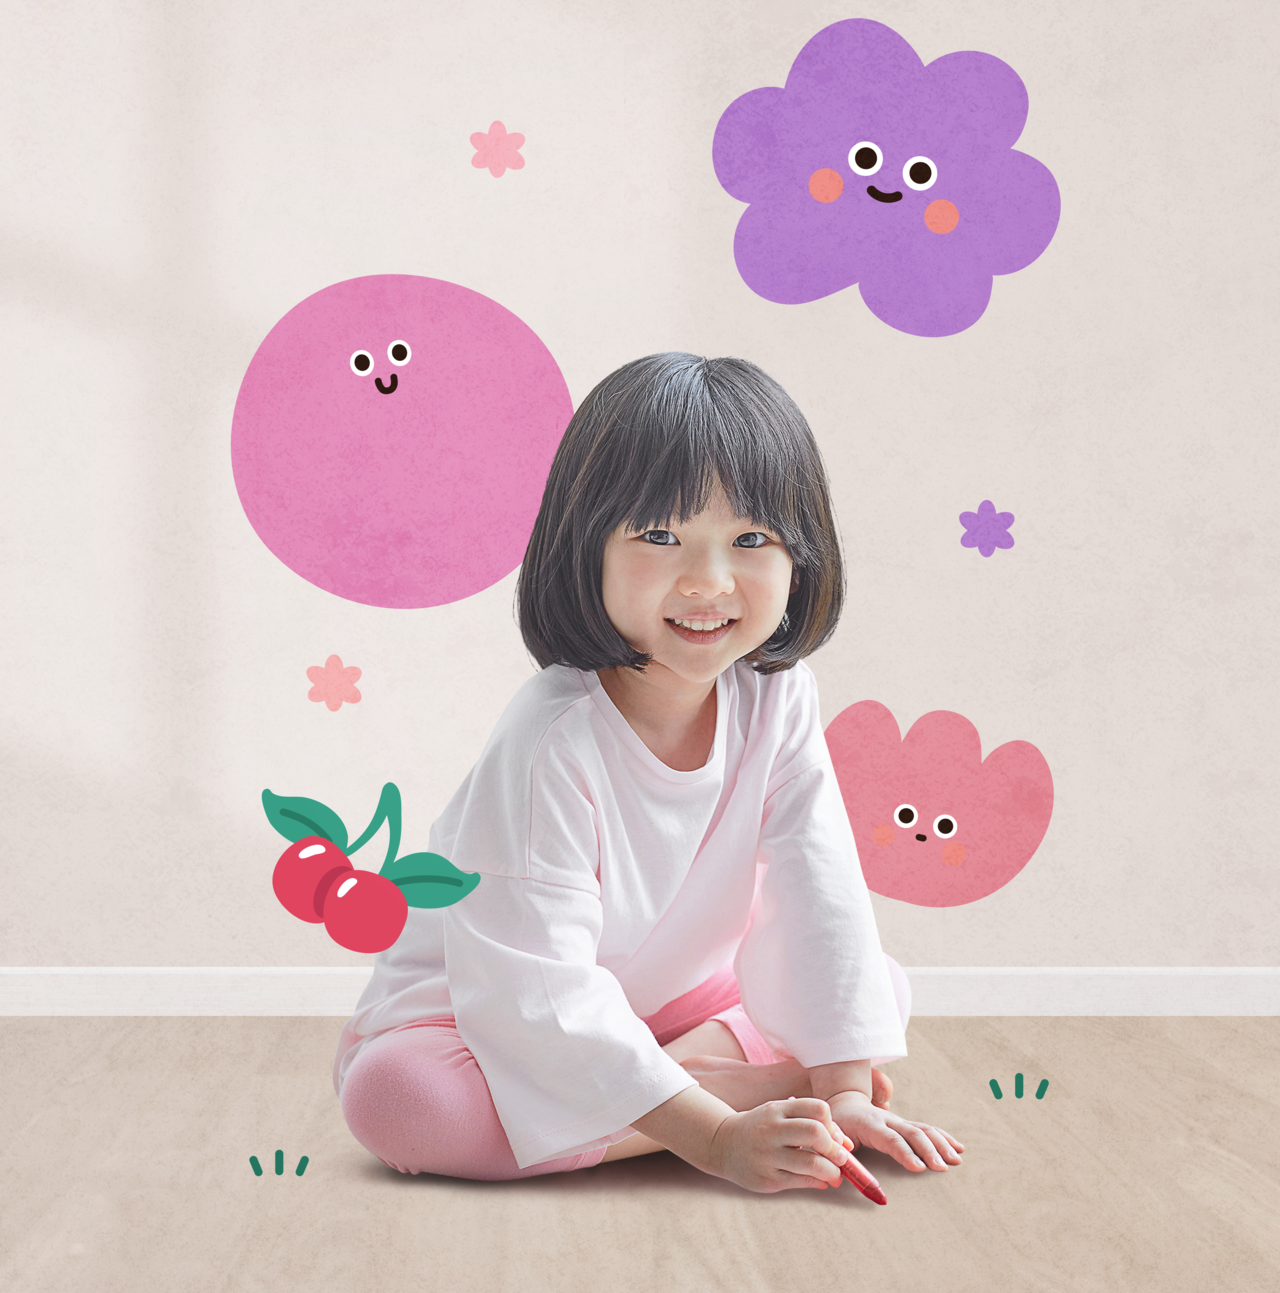 아동 성향분석 AI